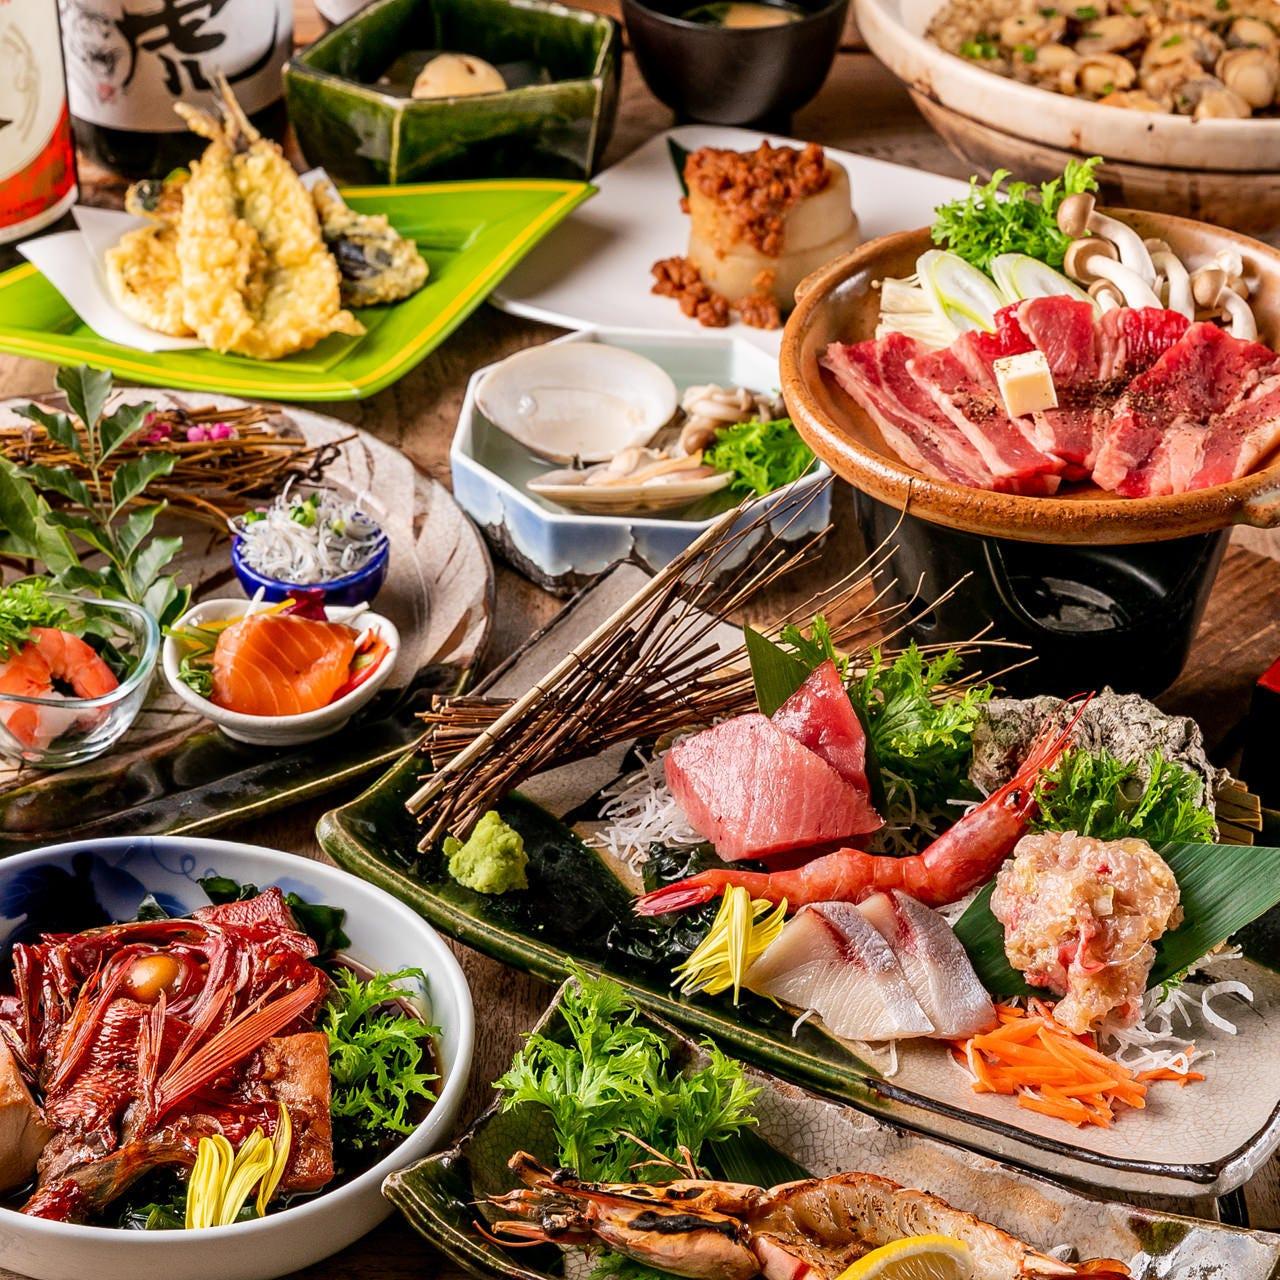 【4月~6月限定】個別盛り!『金目鯛+黒毛牛+海鮮料理の会席』海湘丸と言えば金目鯛!絶品メニューに舌鼓